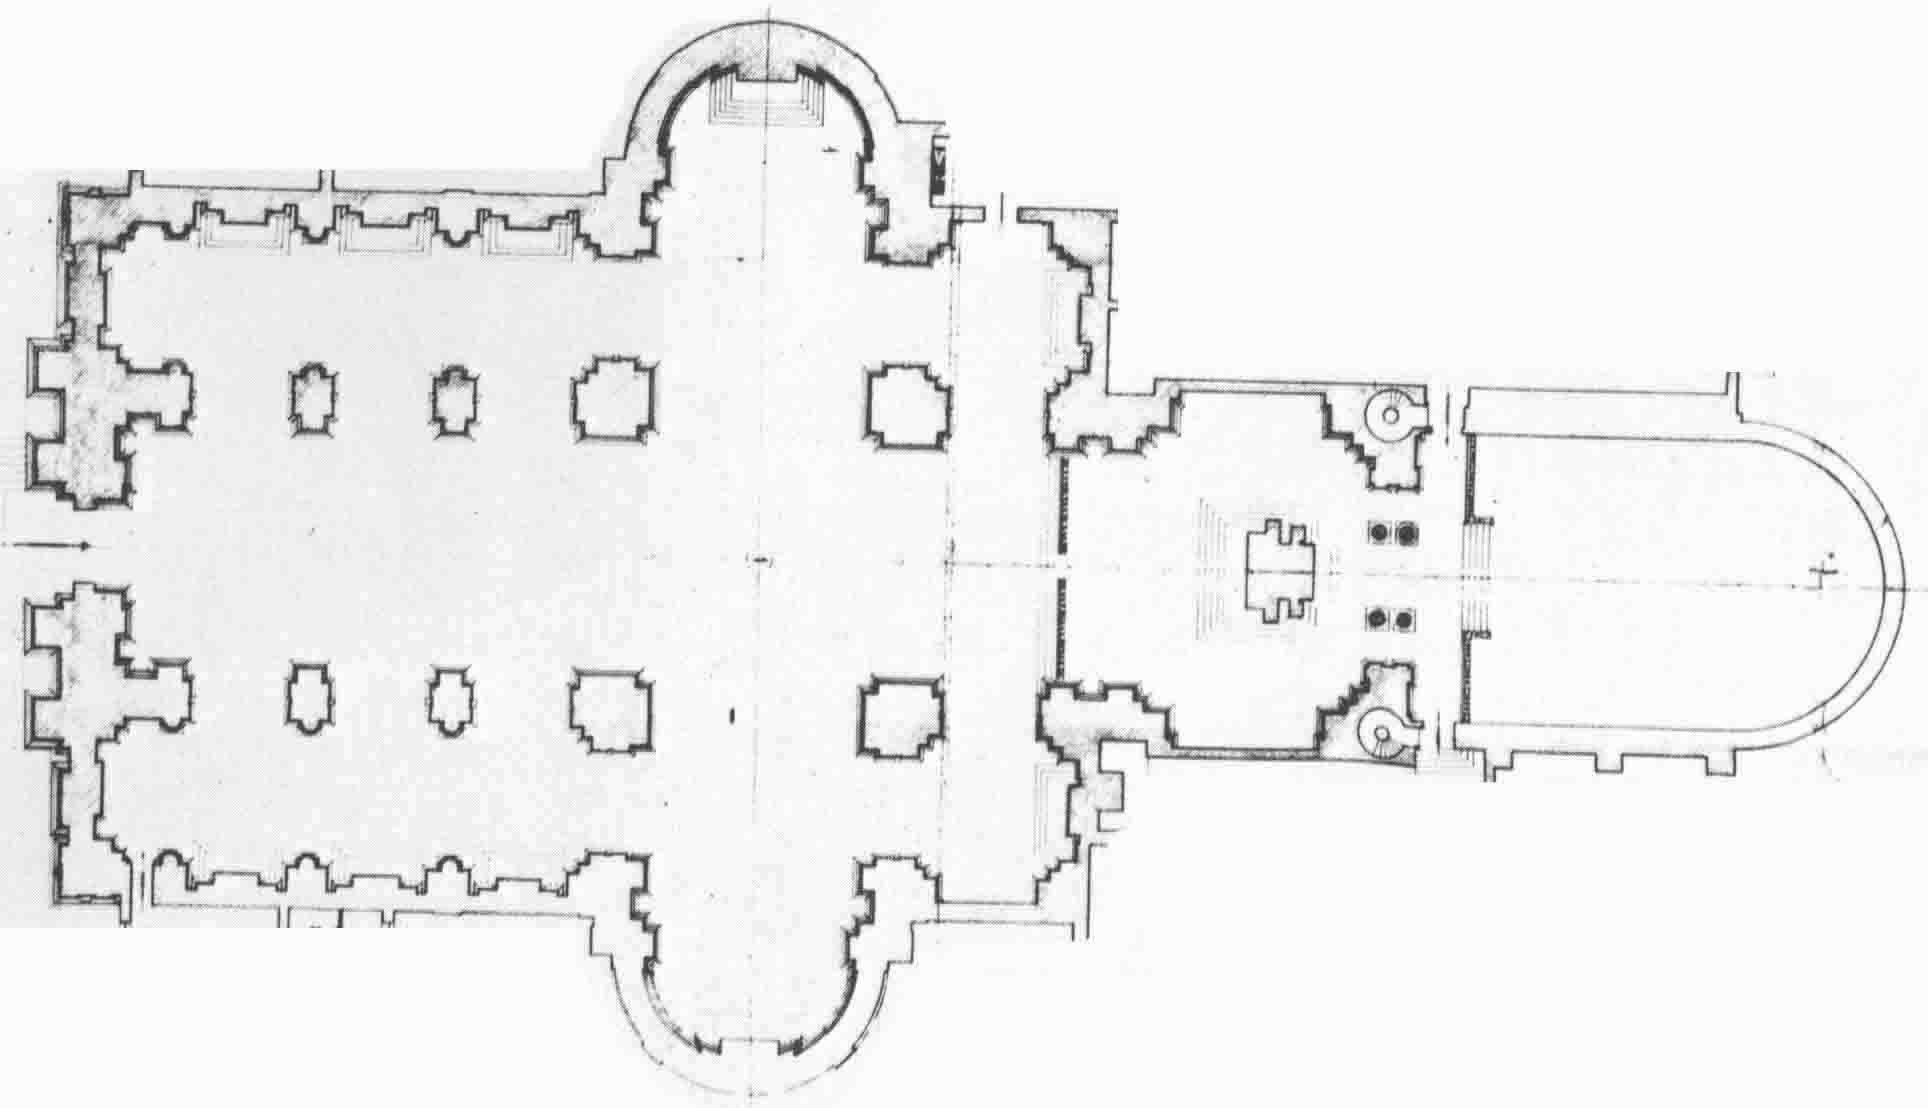 Palladio San Giorgio Maggiore Plan